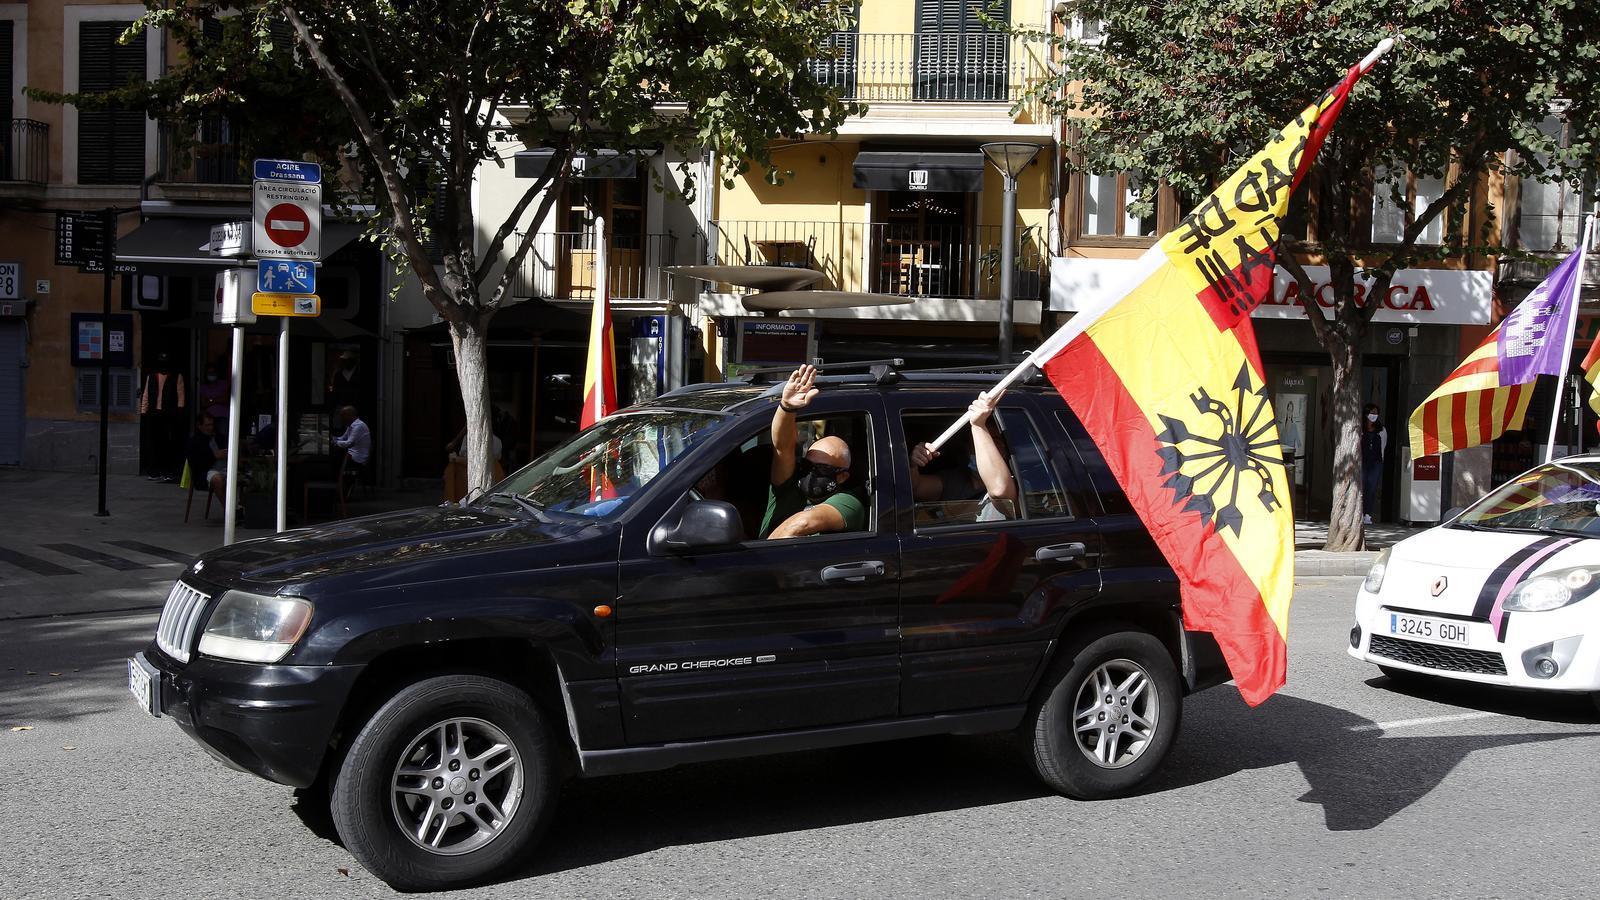 Banderes preconstitucionals i salutacions feixistes a la marxa del 12 d'octubre a Palma